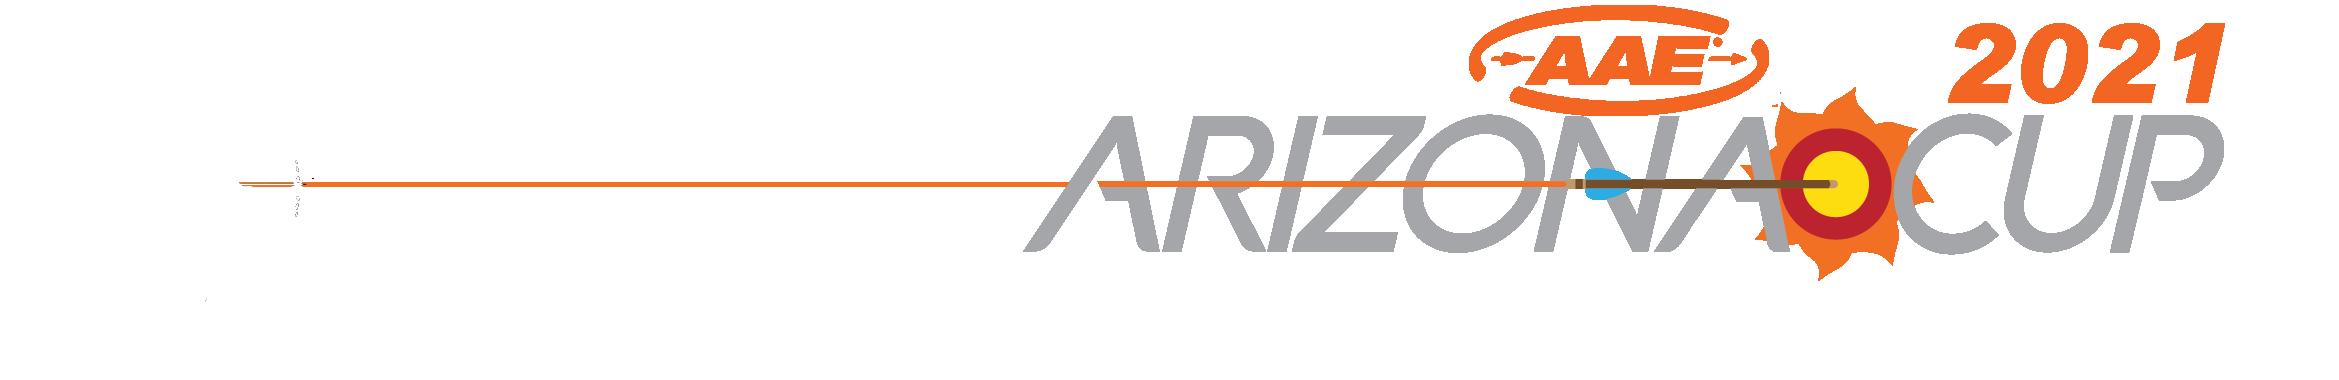 Arizona Cup